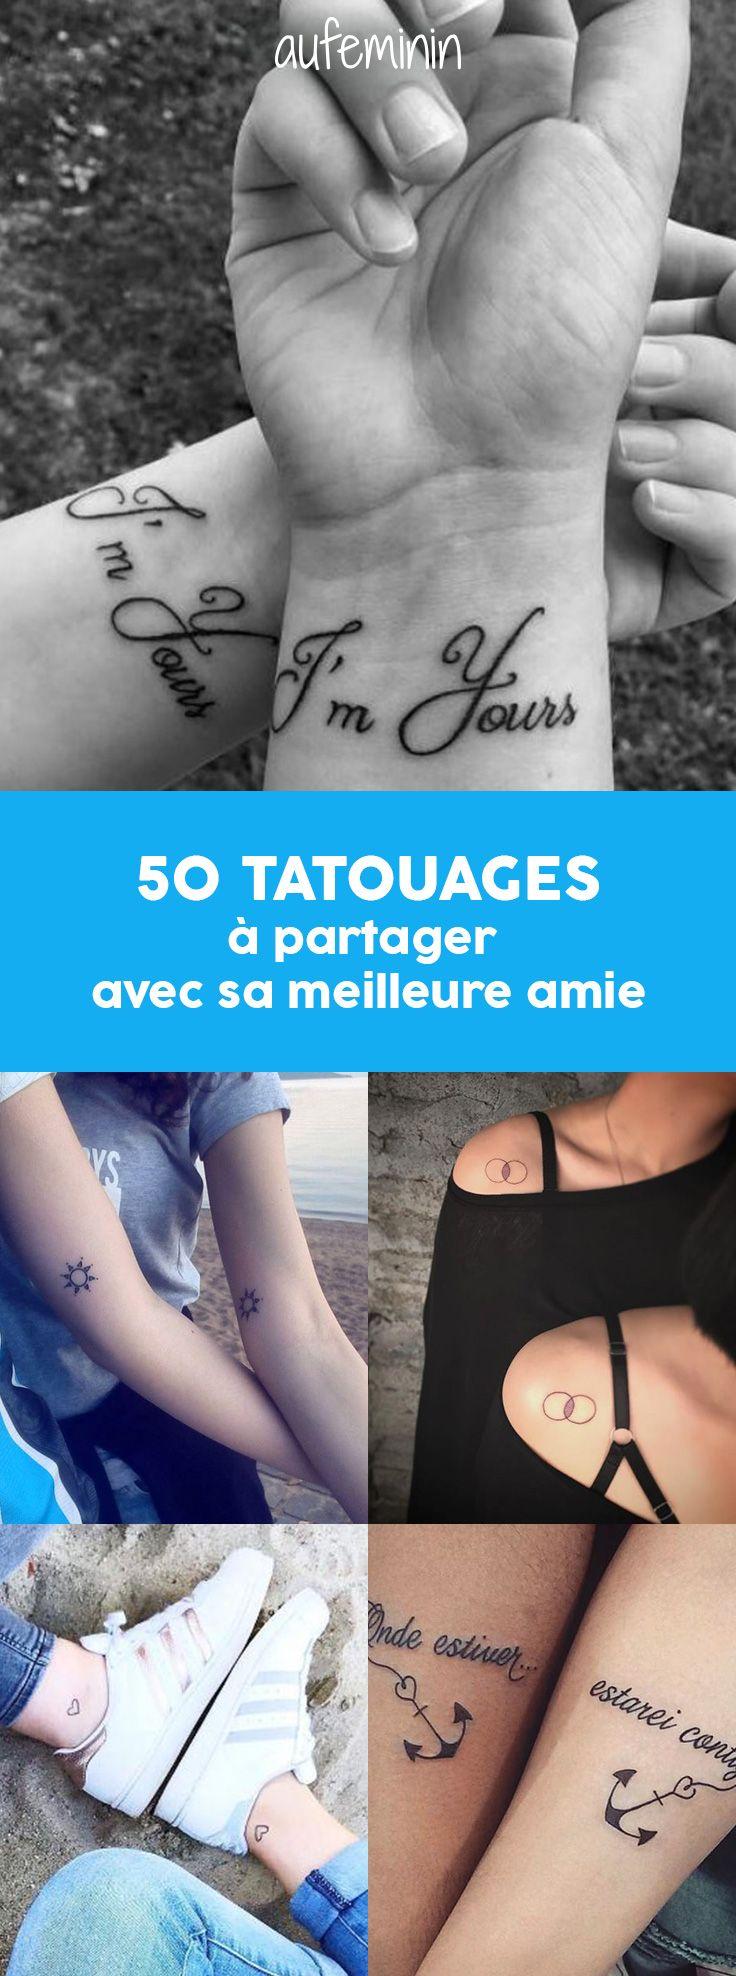 50 tatouages partager avec sa meilleure amie jolis. Black Bedroom Furniture Sets. Home Design Ideas